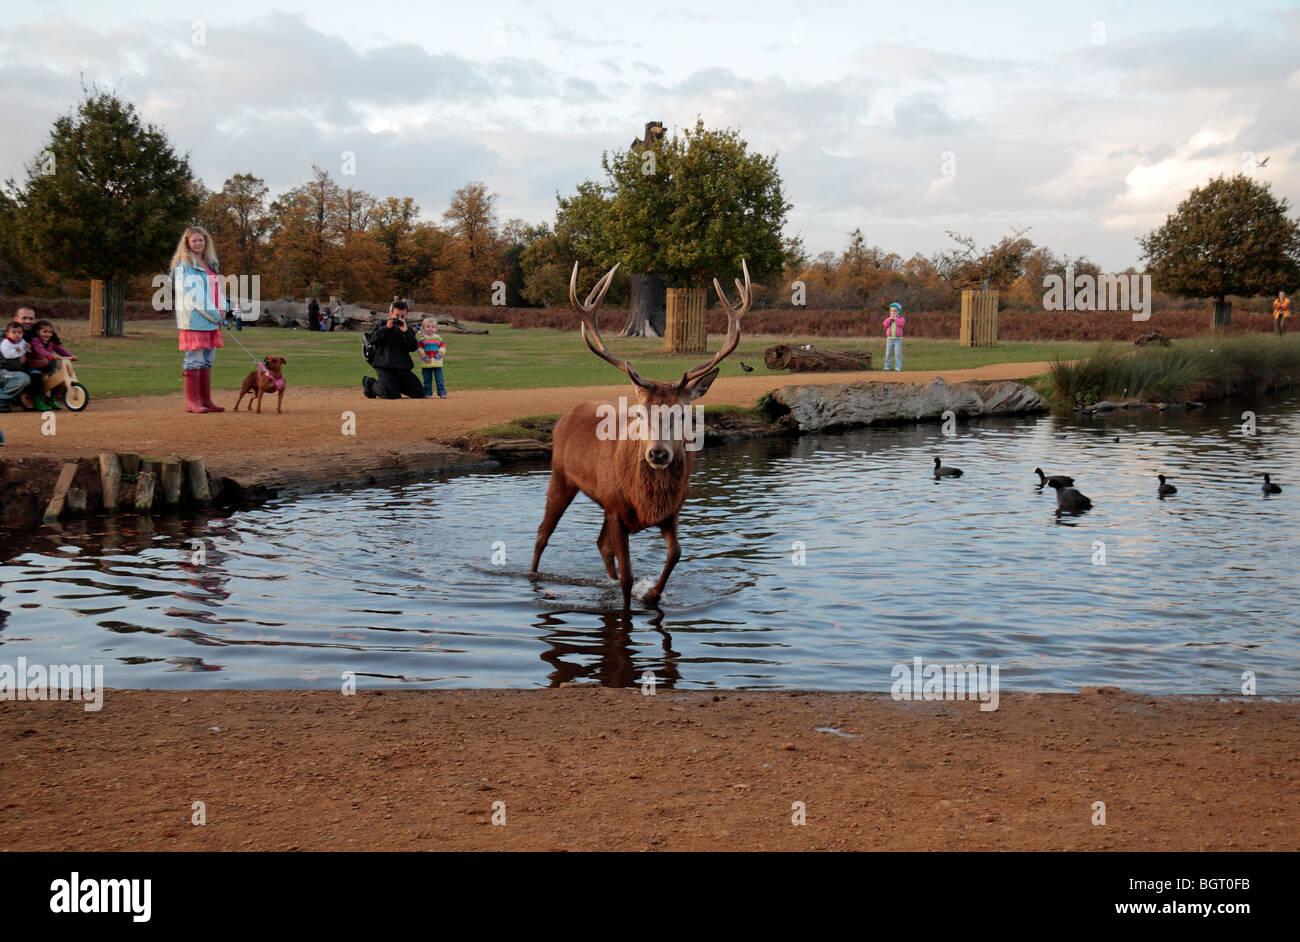 Eine große männliche Hirsch Rothirsch geht durch einen kleinen Teich mit Kindern beobachten, Bushy Park, Richmond, Stockfoto